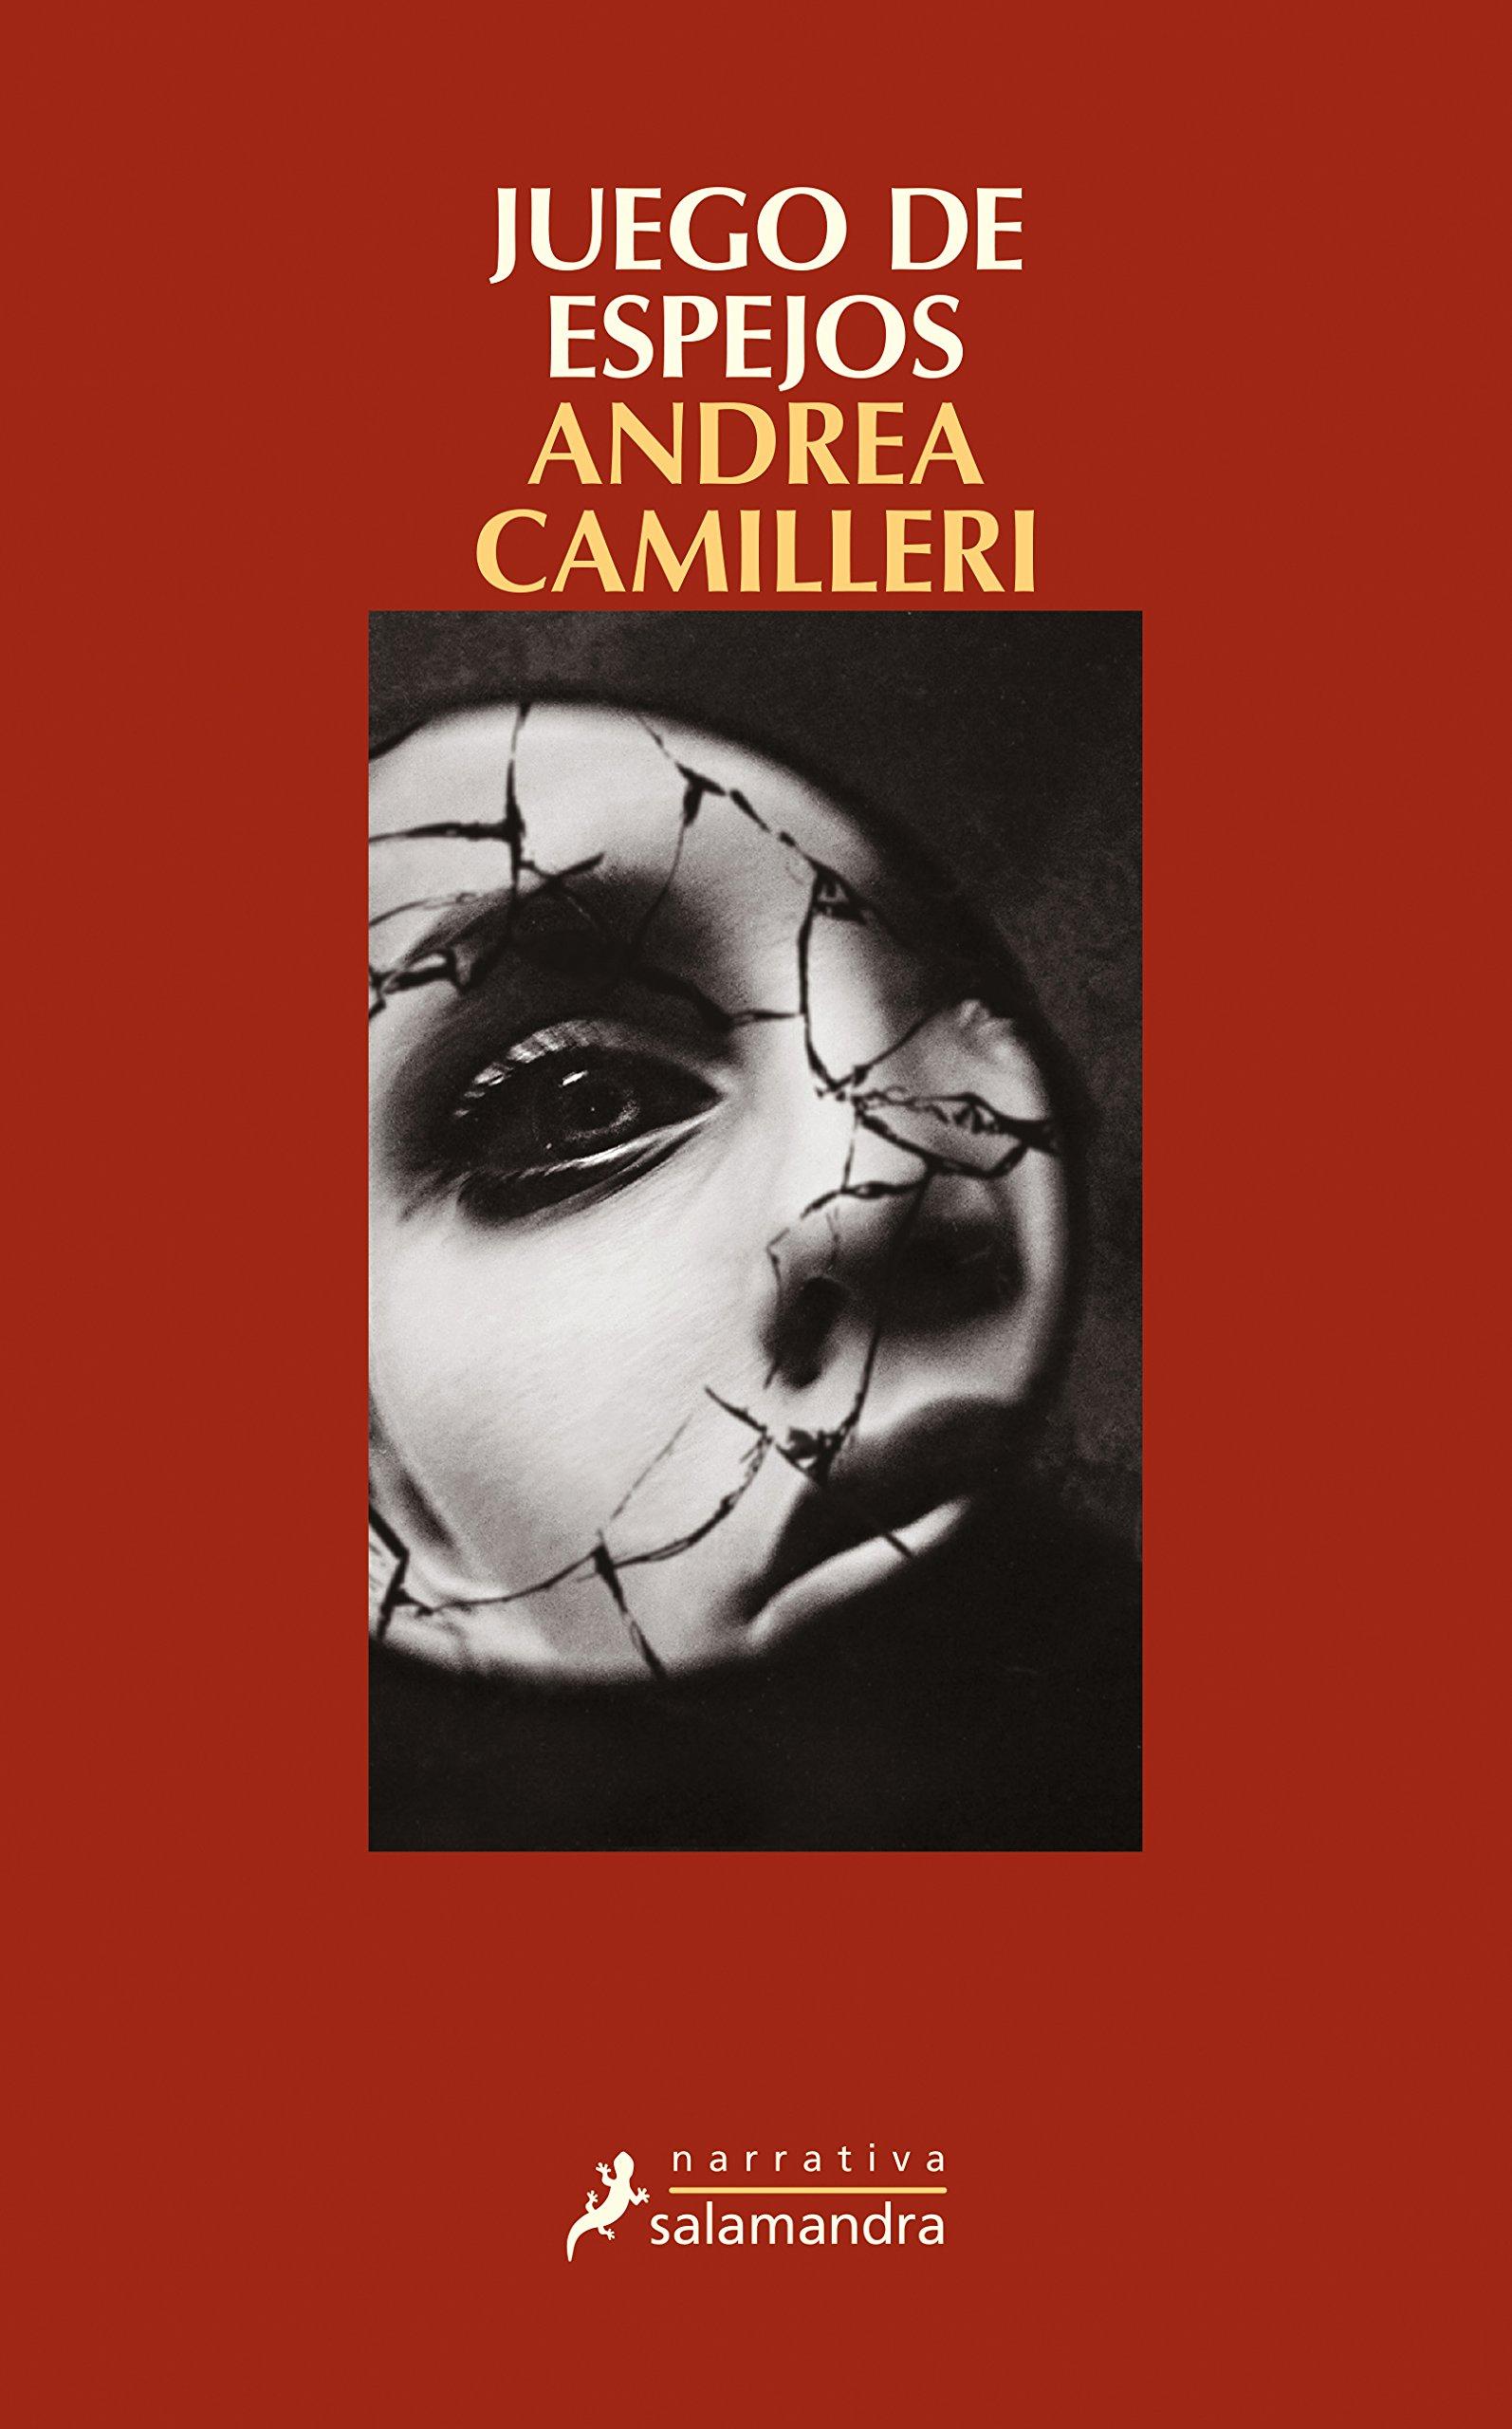 Juego de espejos: Montalbano - Libro 22 (Narrativa): Amazon.es: Andrea  Camilleri: Libros